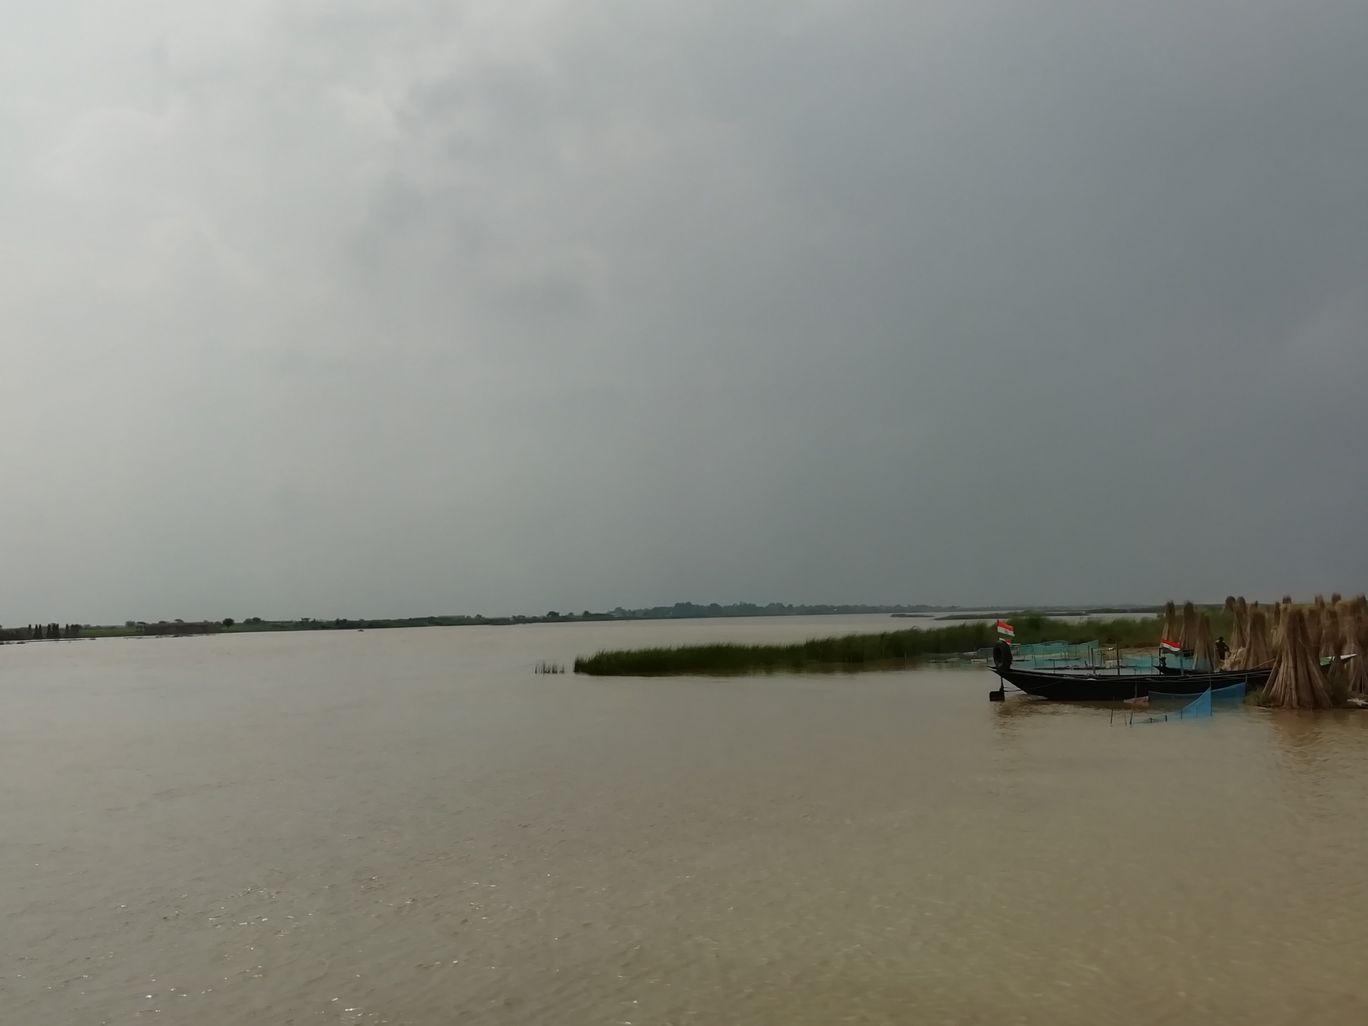 Photo of Jalangi By Mohit Roy